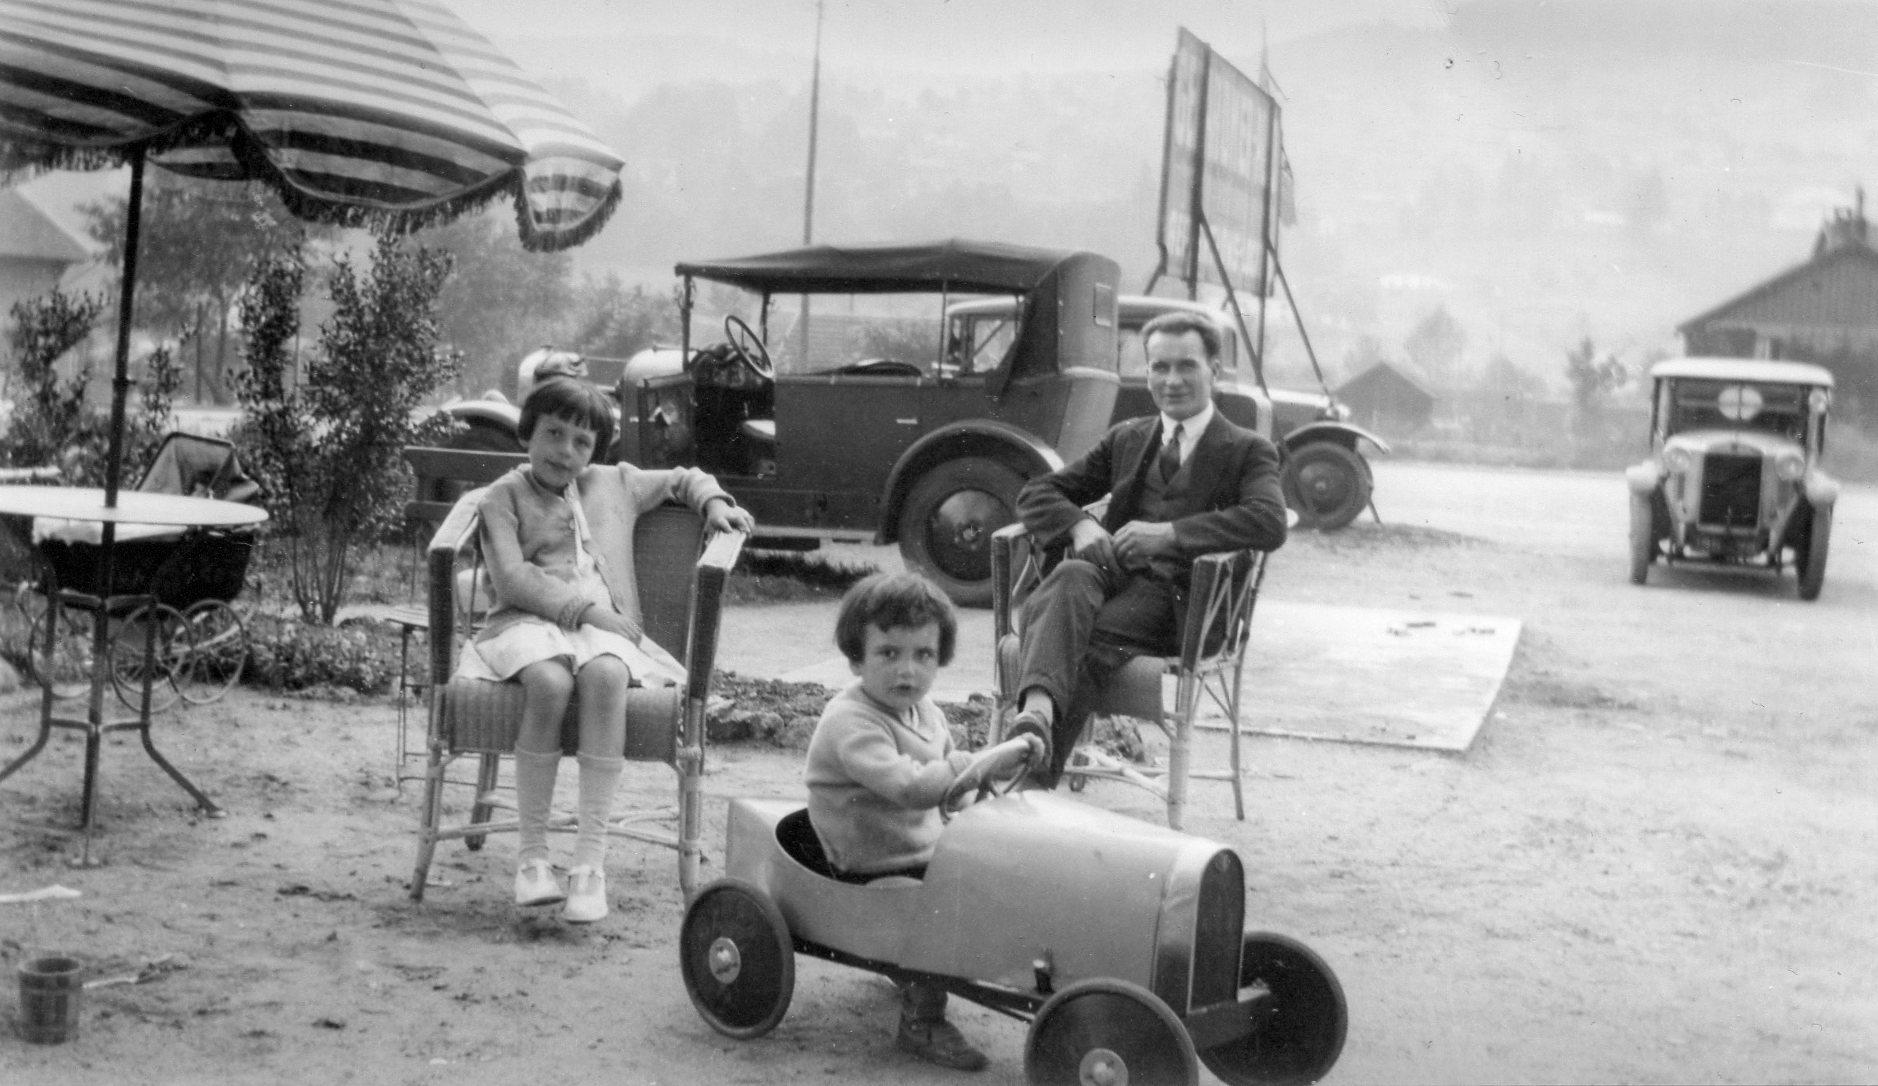 Mon-pere-dans-sa-Bugatti-a--pedales-Mijn-vader-in-zijn-Bugatti-pedalen--1931-3